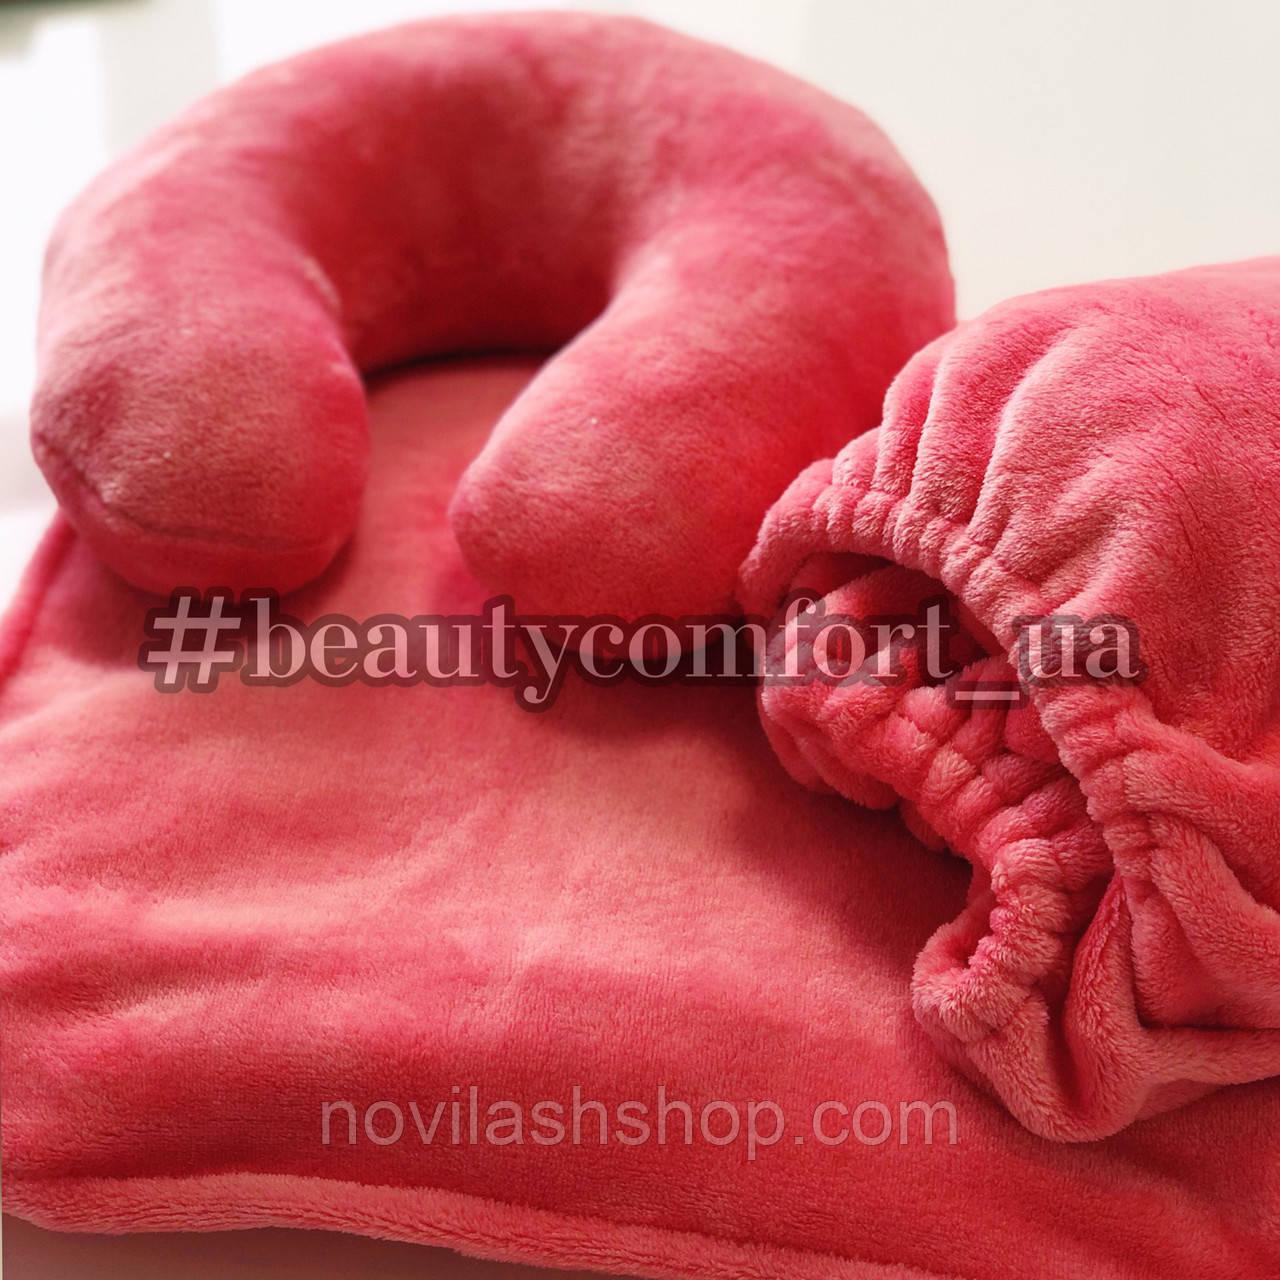 Сет 3в1 махра: чехол на кушетку, подушка, плед (персиковый/коралл)